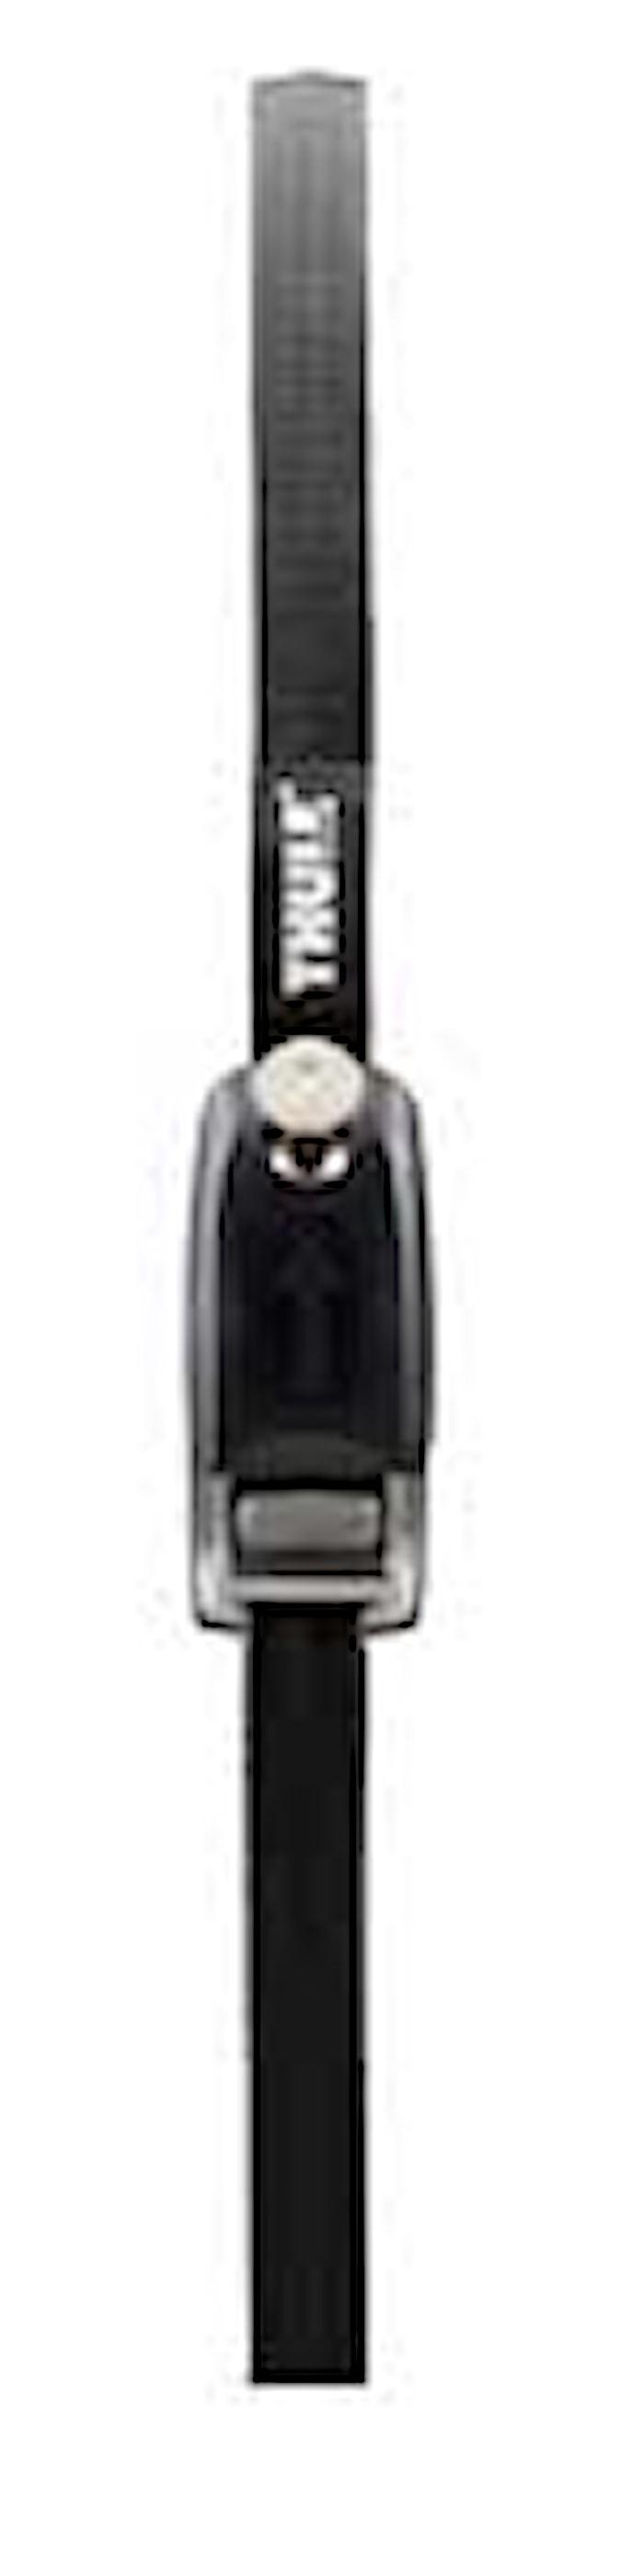 Spännband 4 m, låsbart, 2-pack